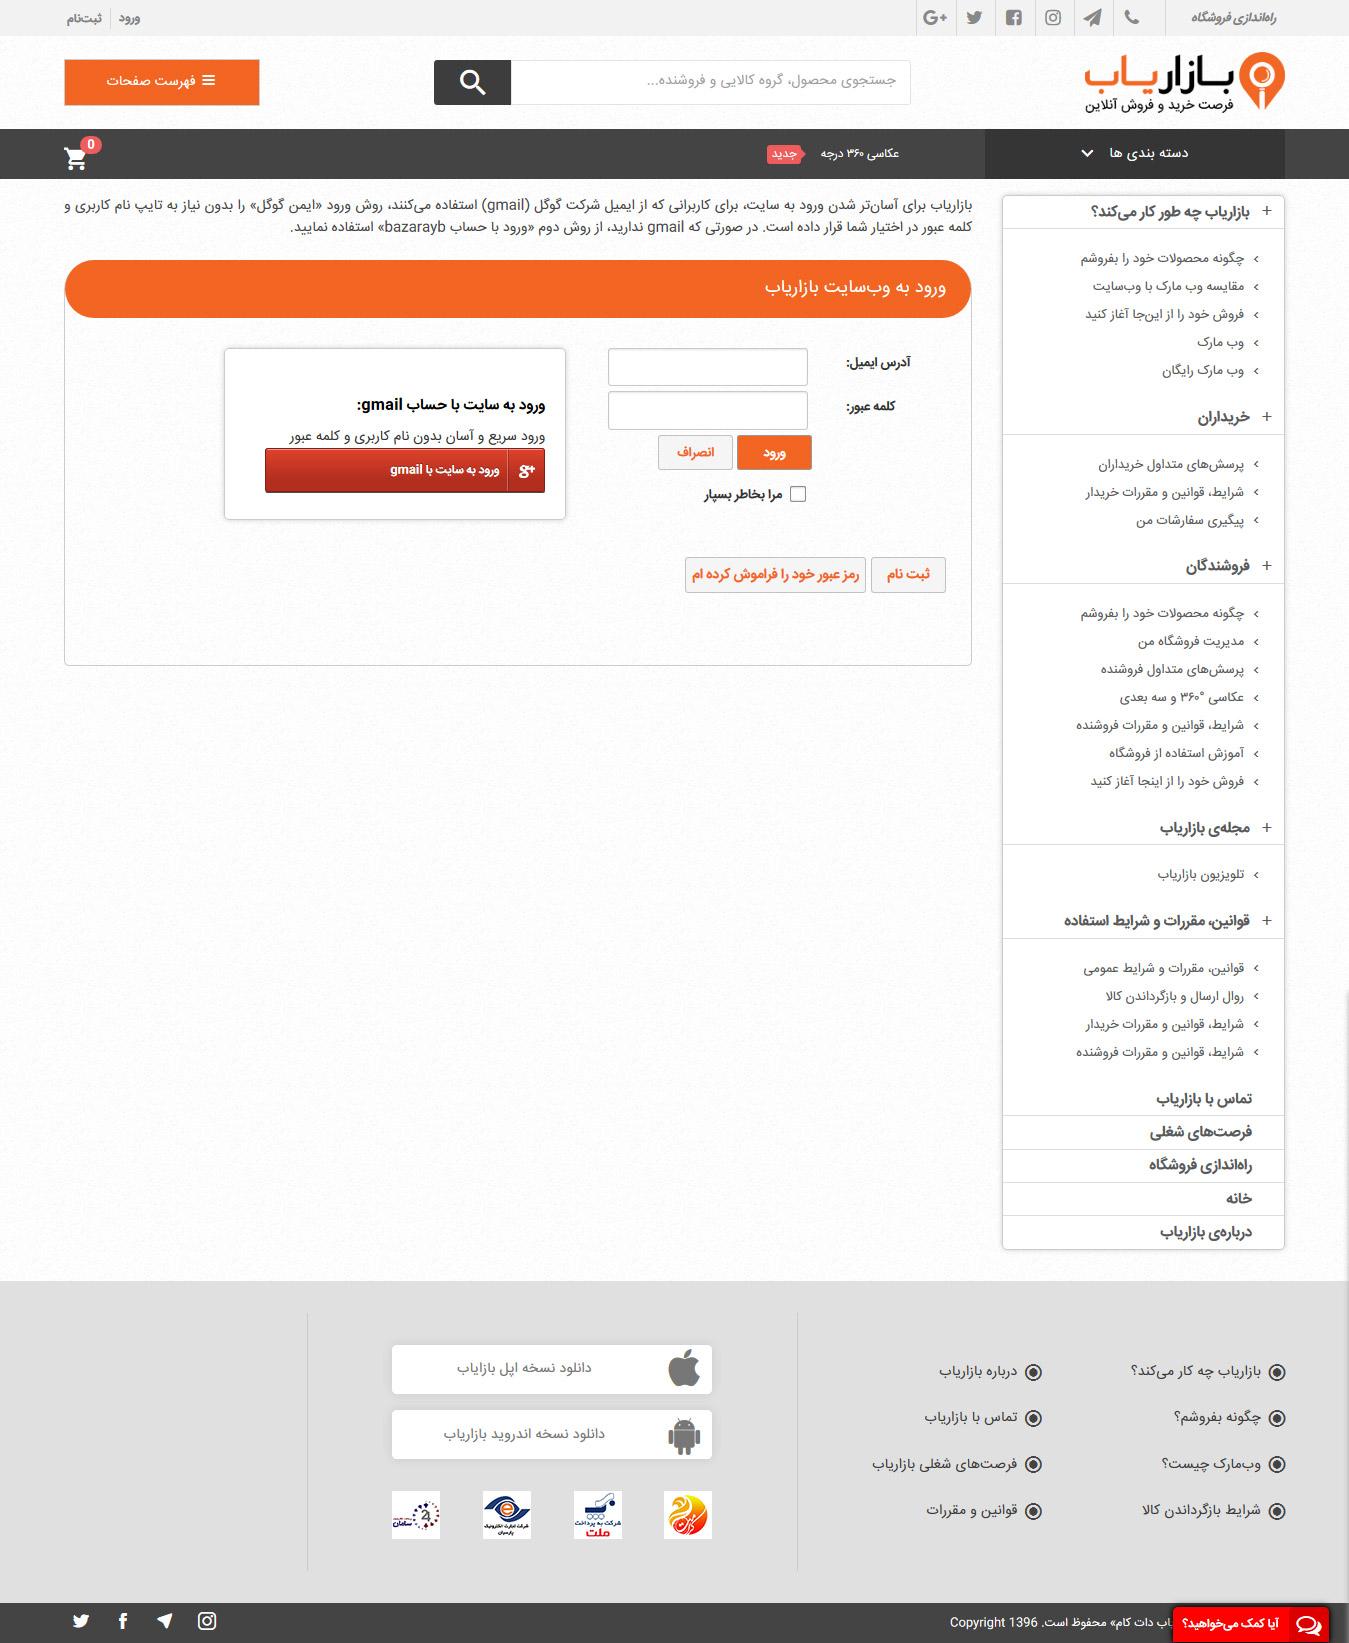 تصویری از صفحه ورود به حساب کاربری فروشگاه بازاریاب دات کام